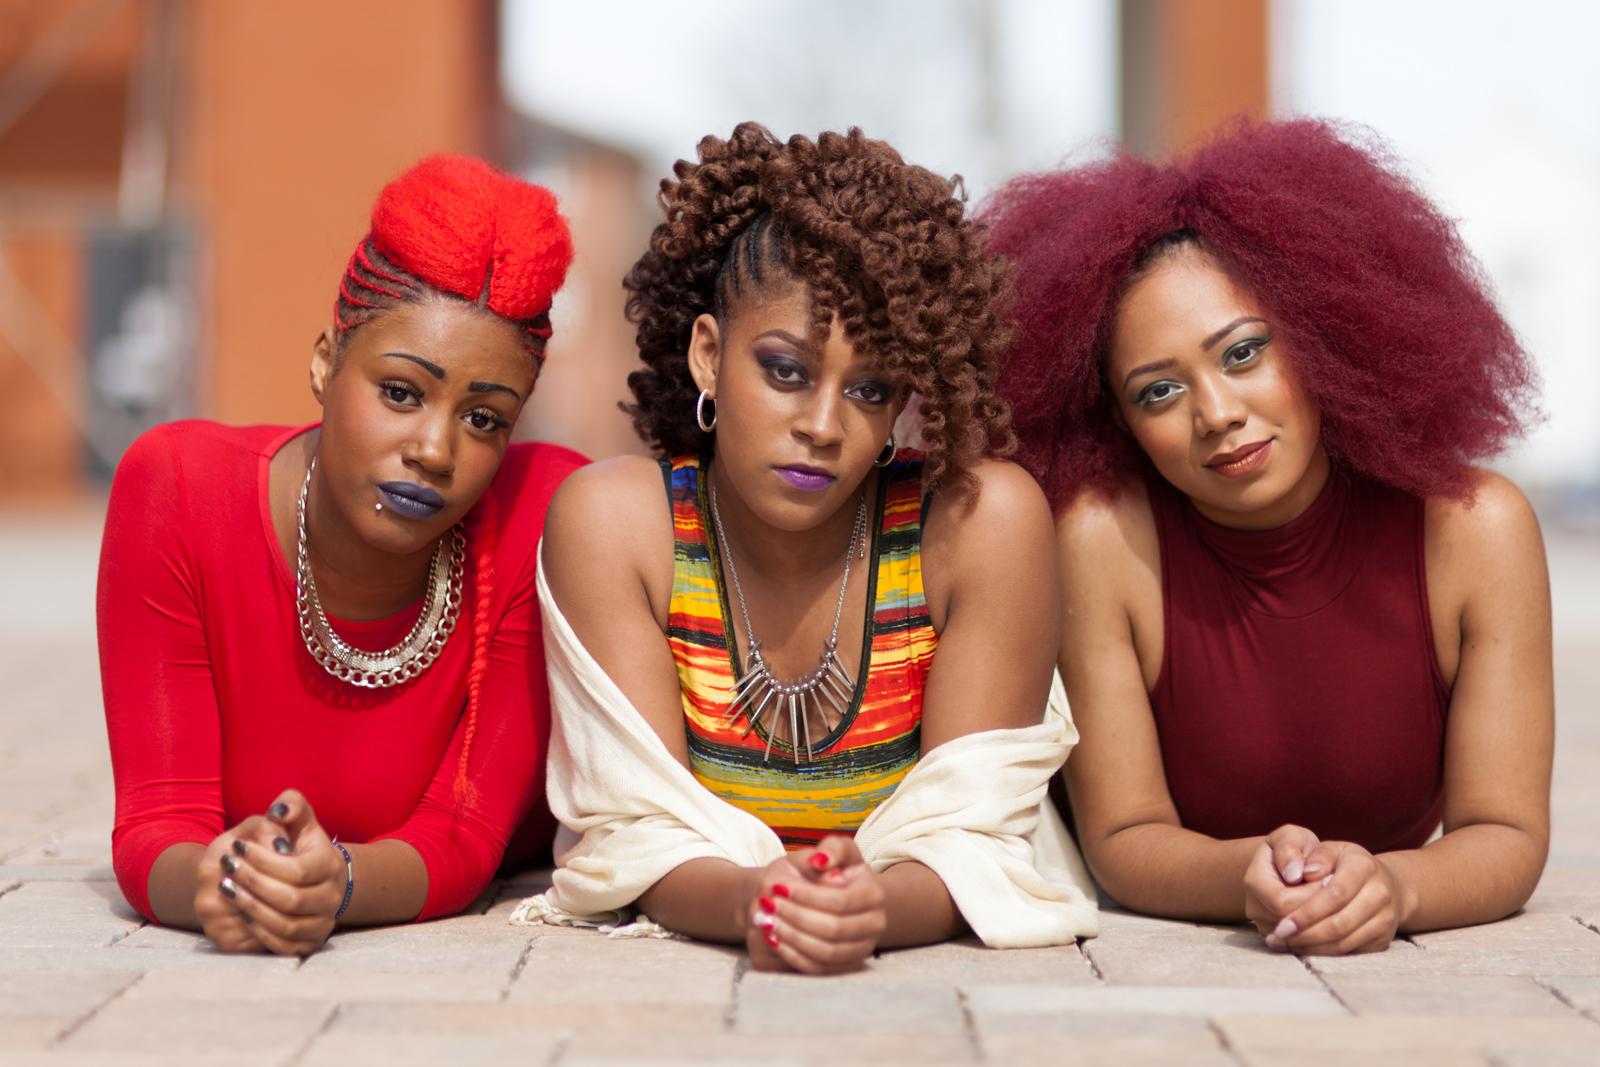 Afroism